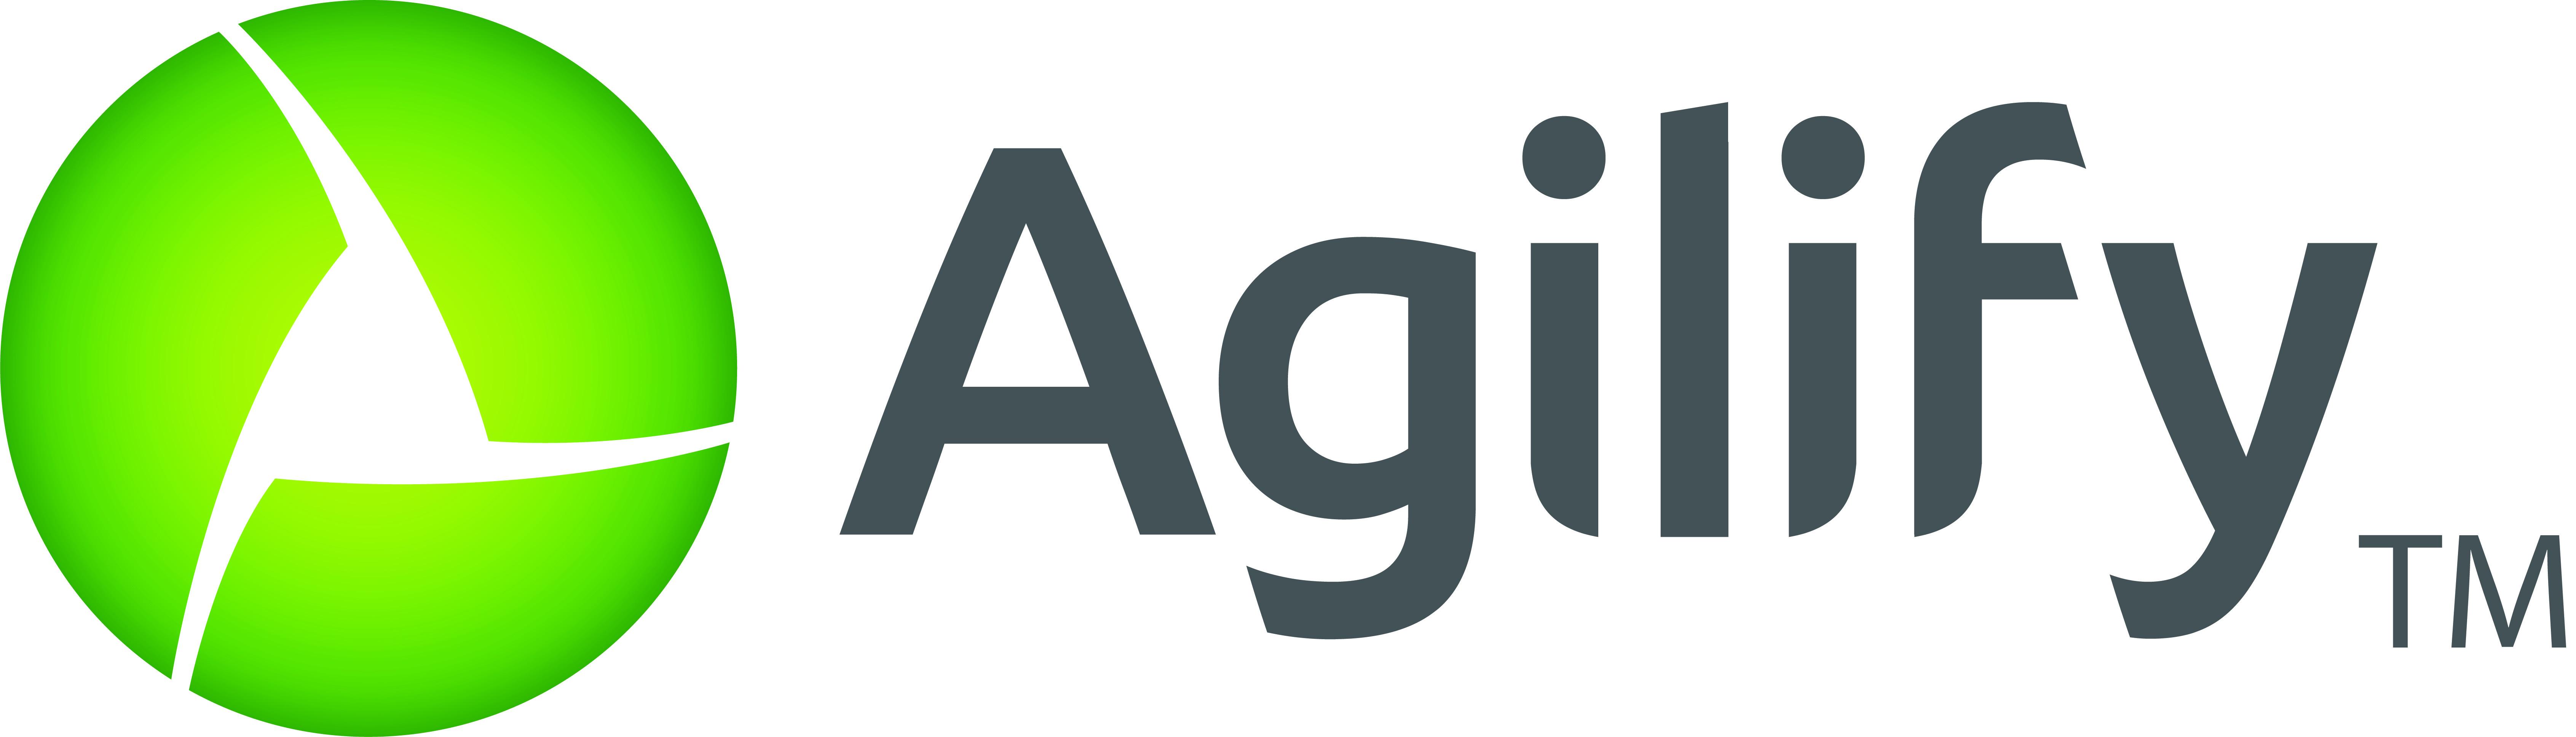 Agilify